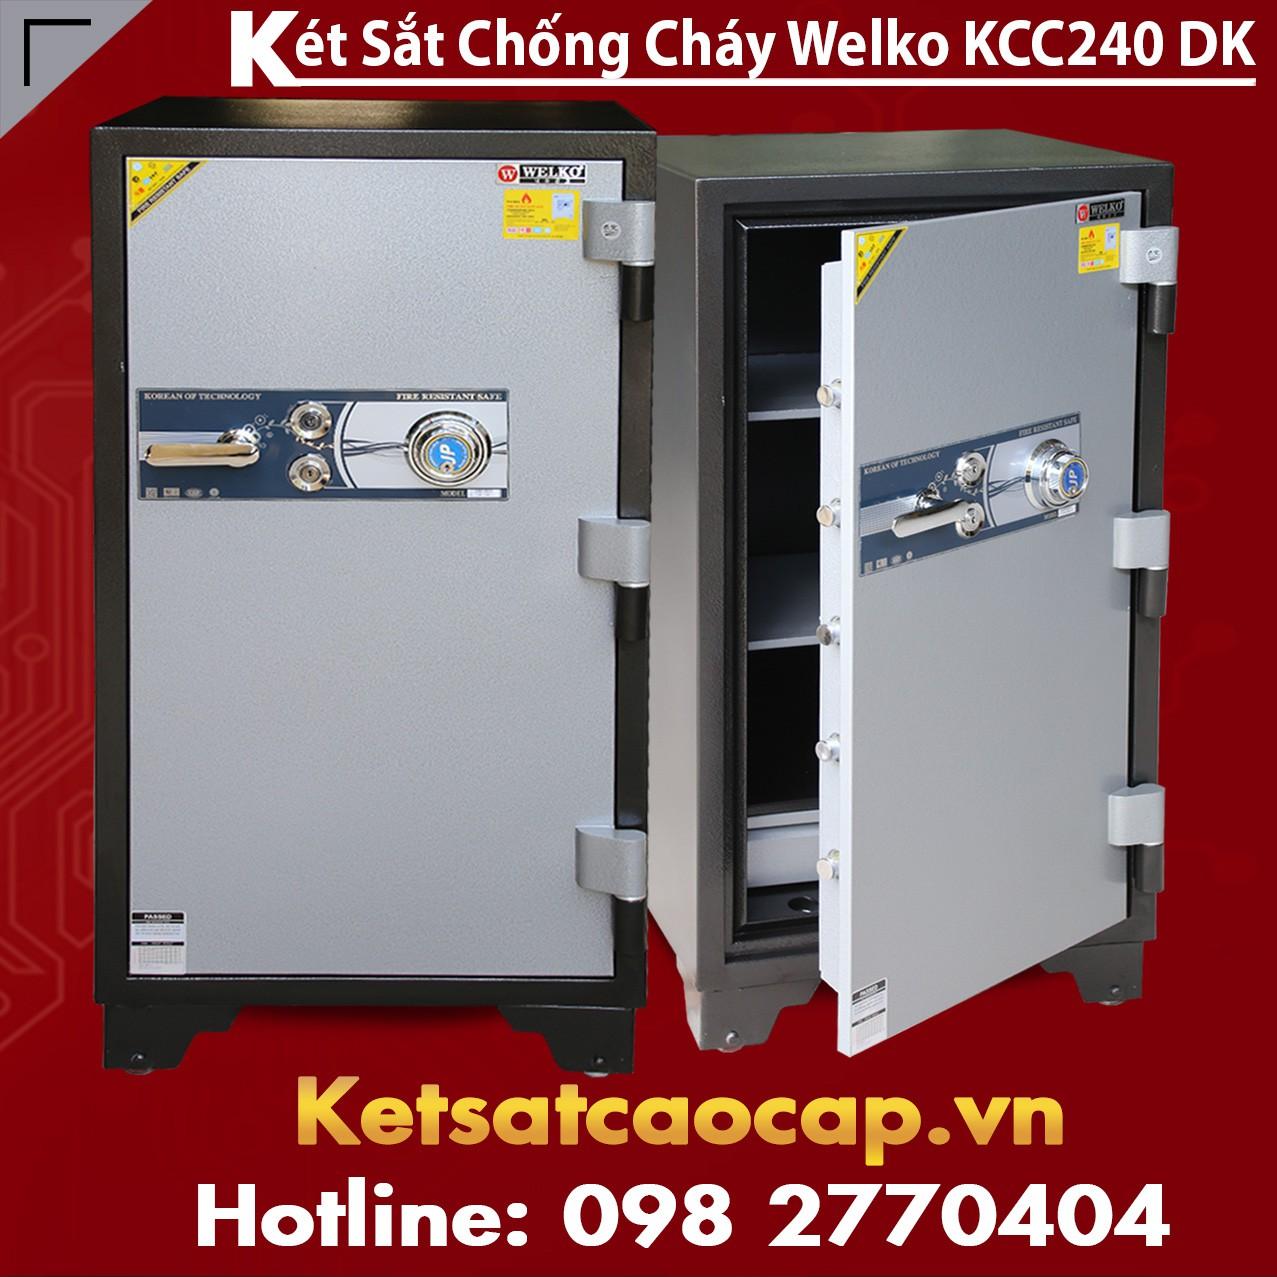 két sắt điện tử homesun safe KCC240 FE nghệ an